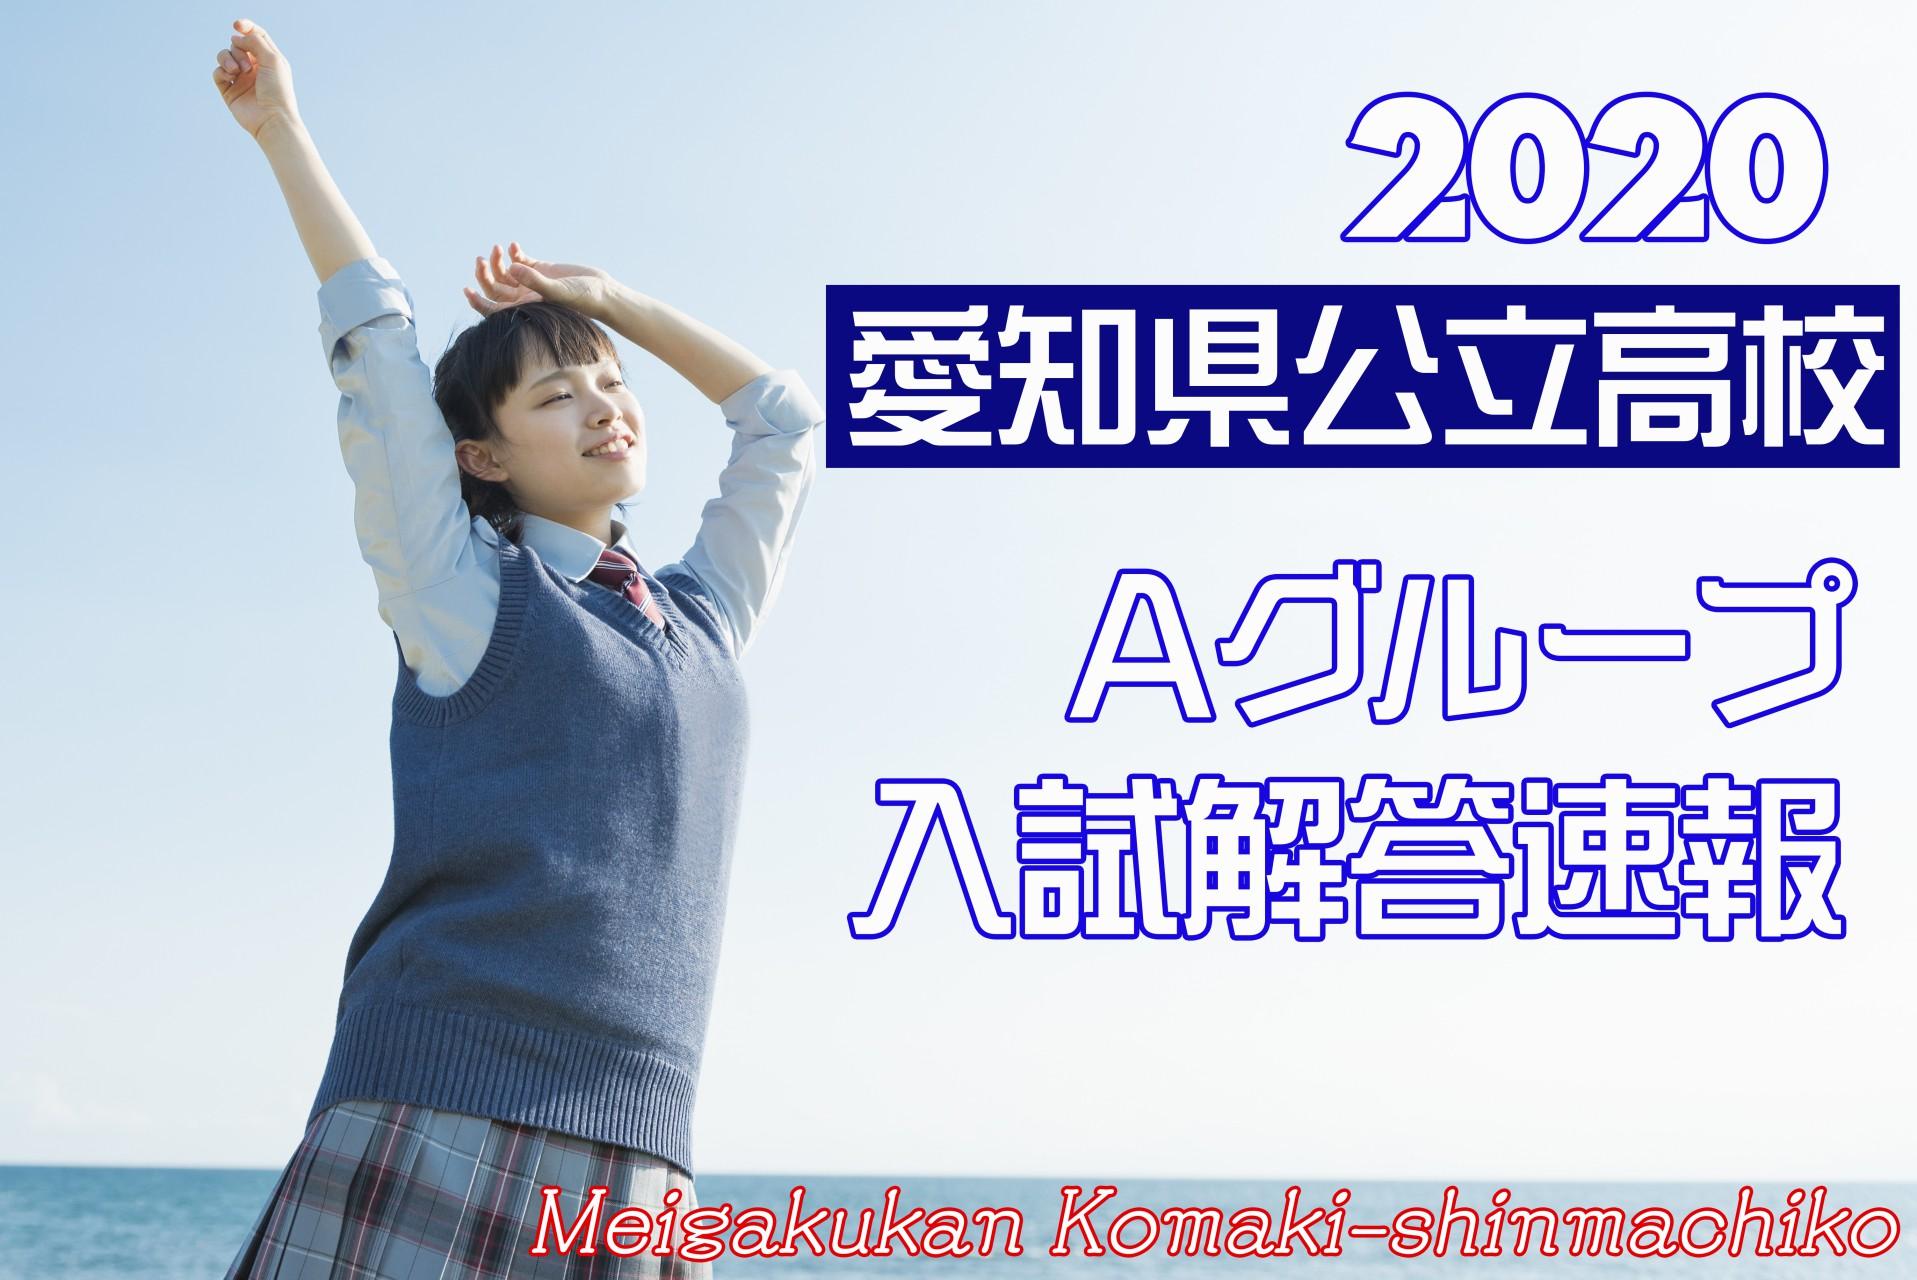 愛知県公立高校 入試解答速報 2020 A